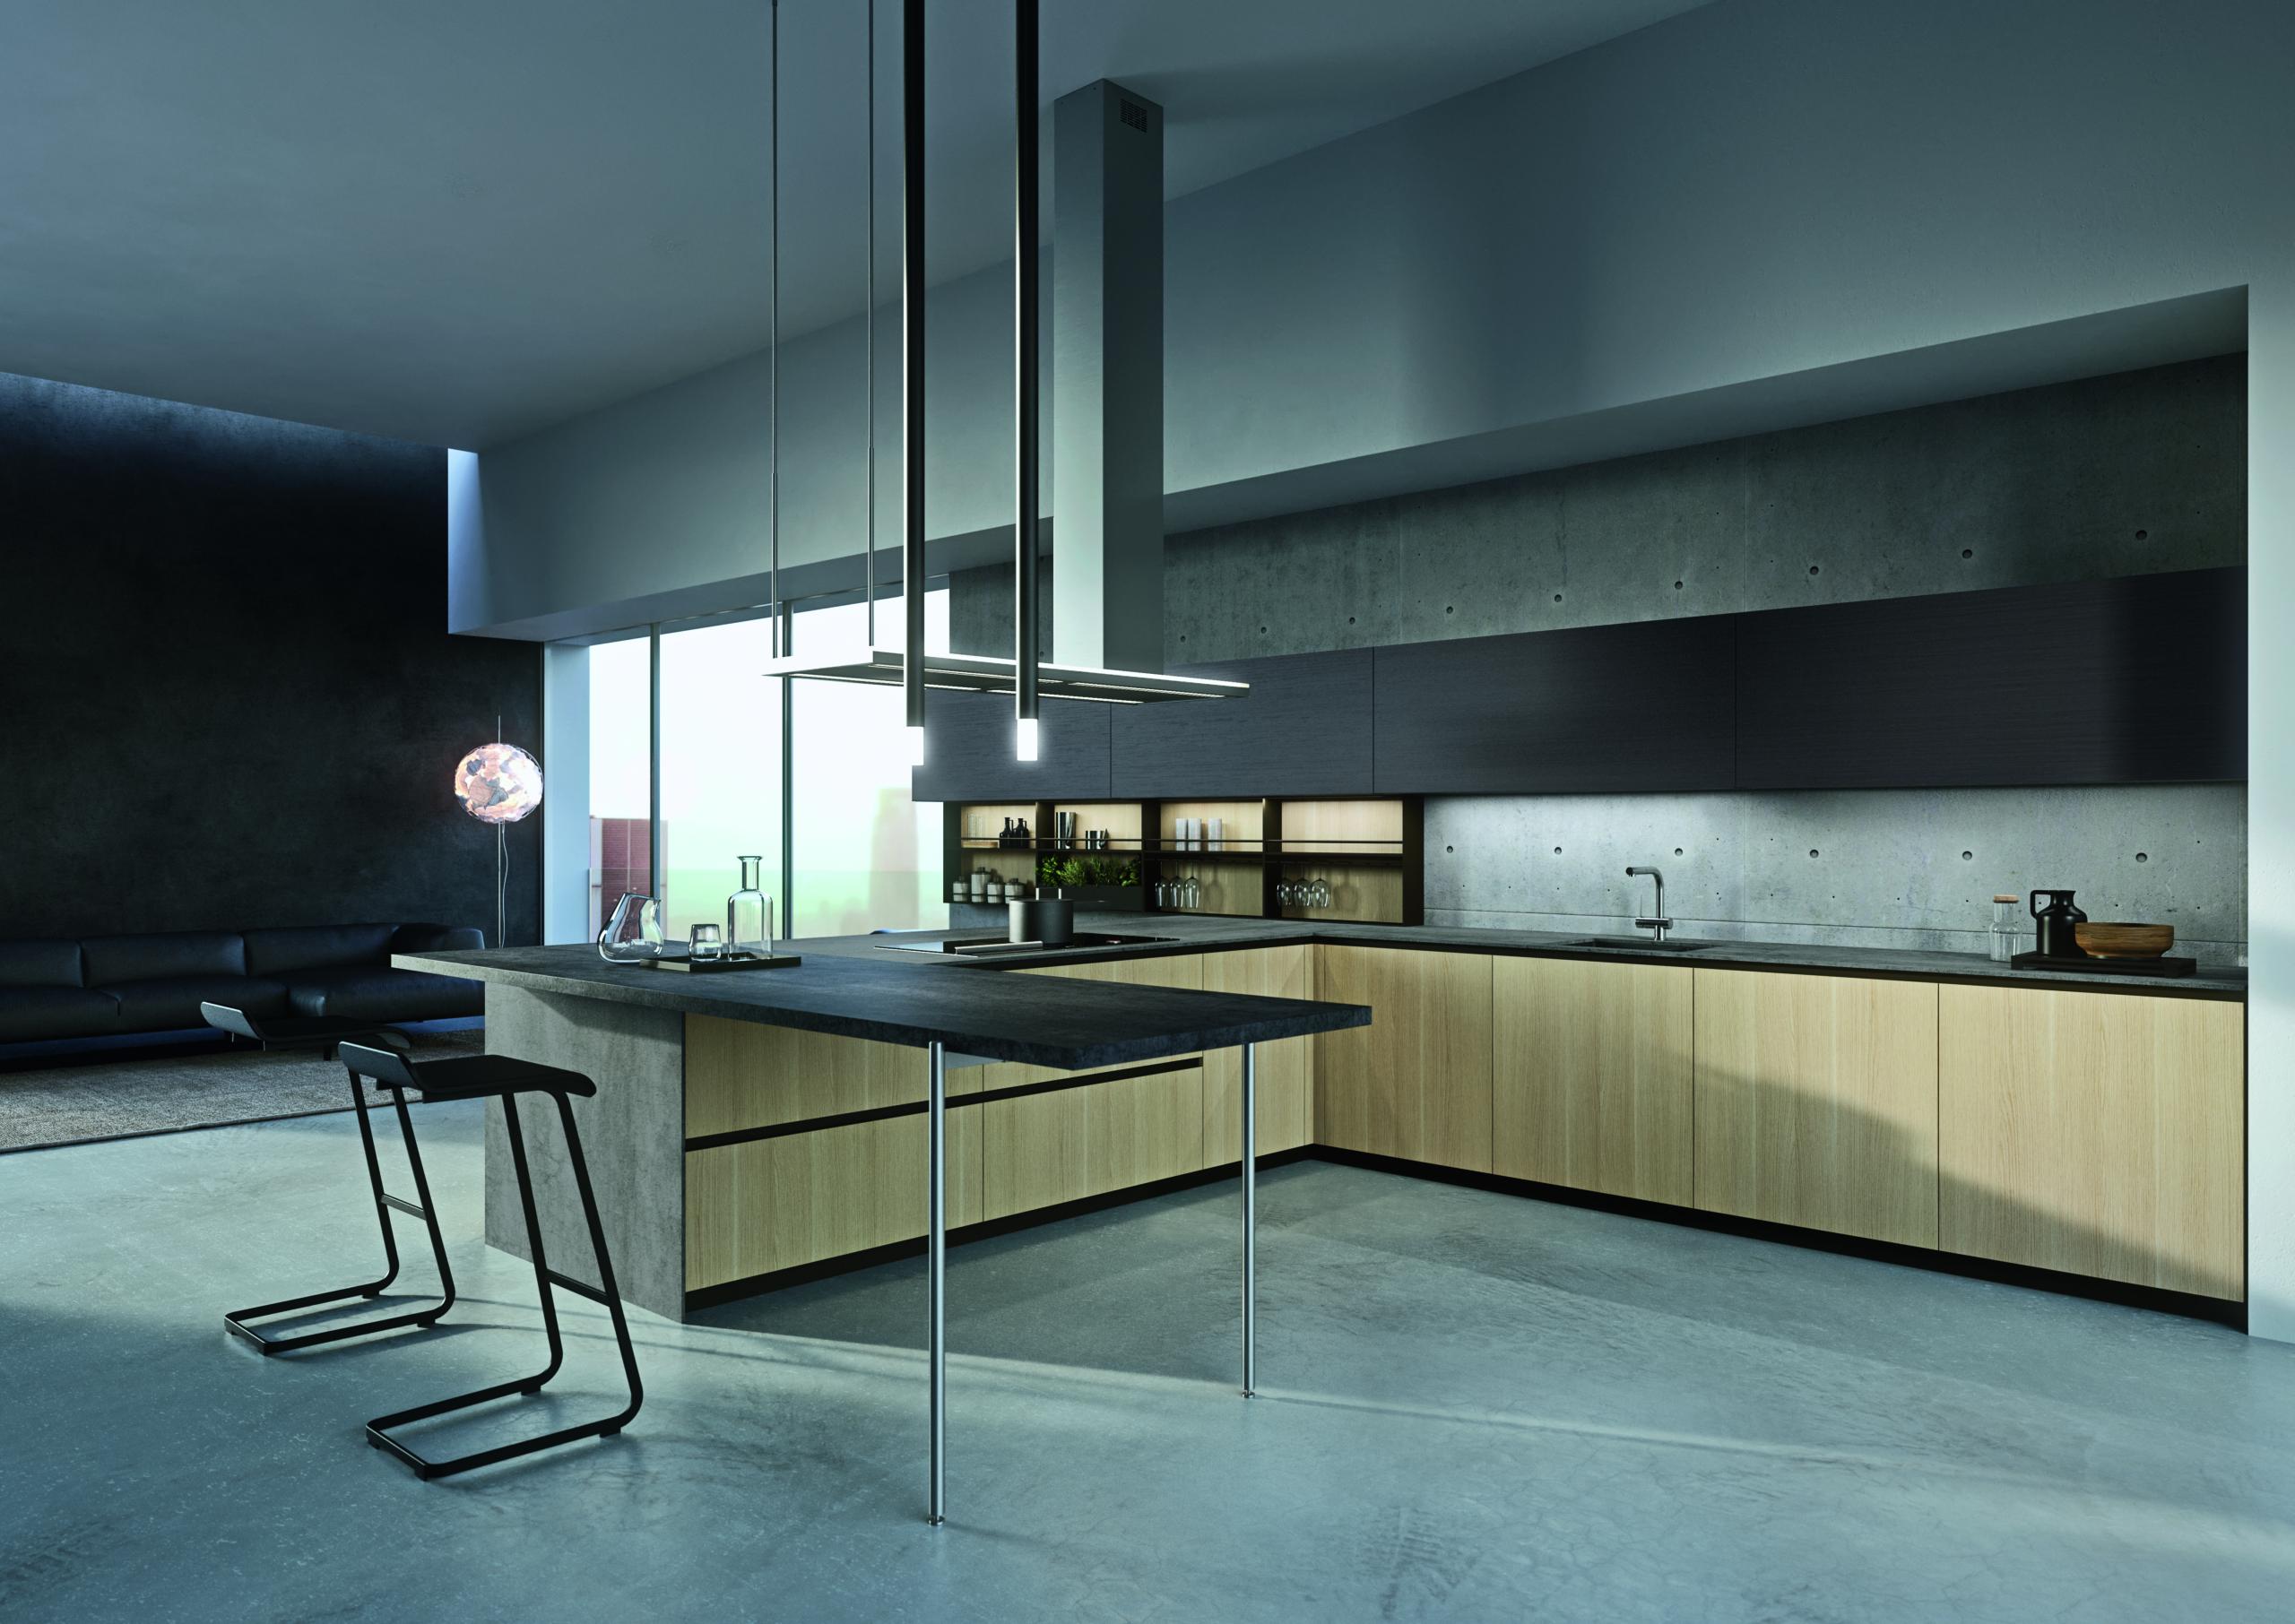 Opinioni Su Arrital Cucine cucina arrital modello ak_project melaminico